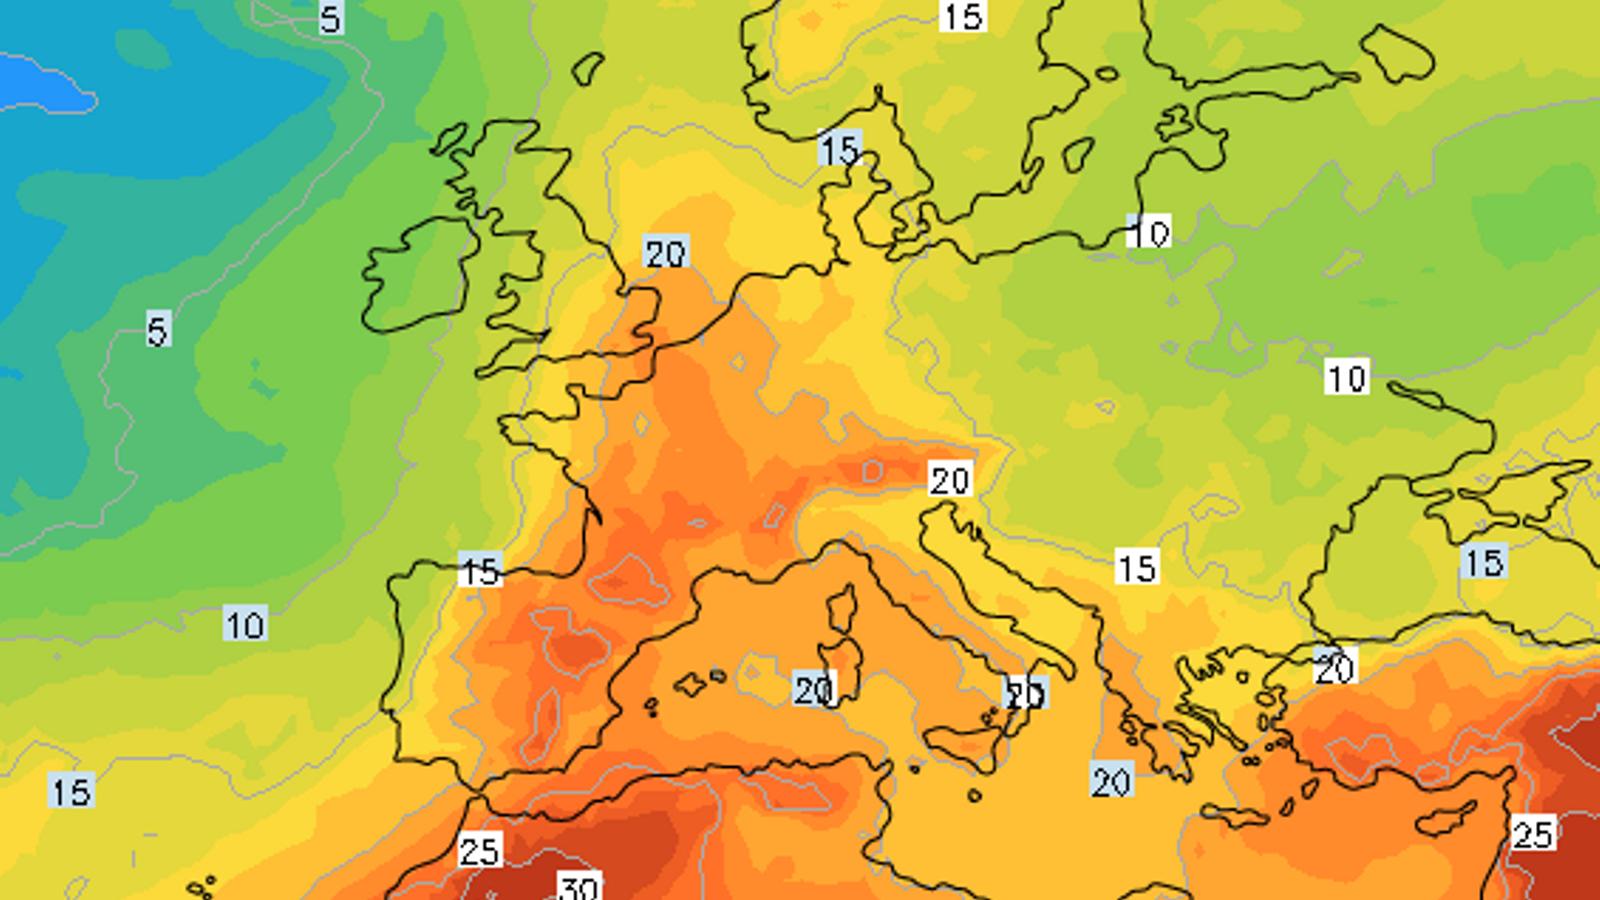 Una segona onada de calor forta podria afectar Europa la setmana que ve